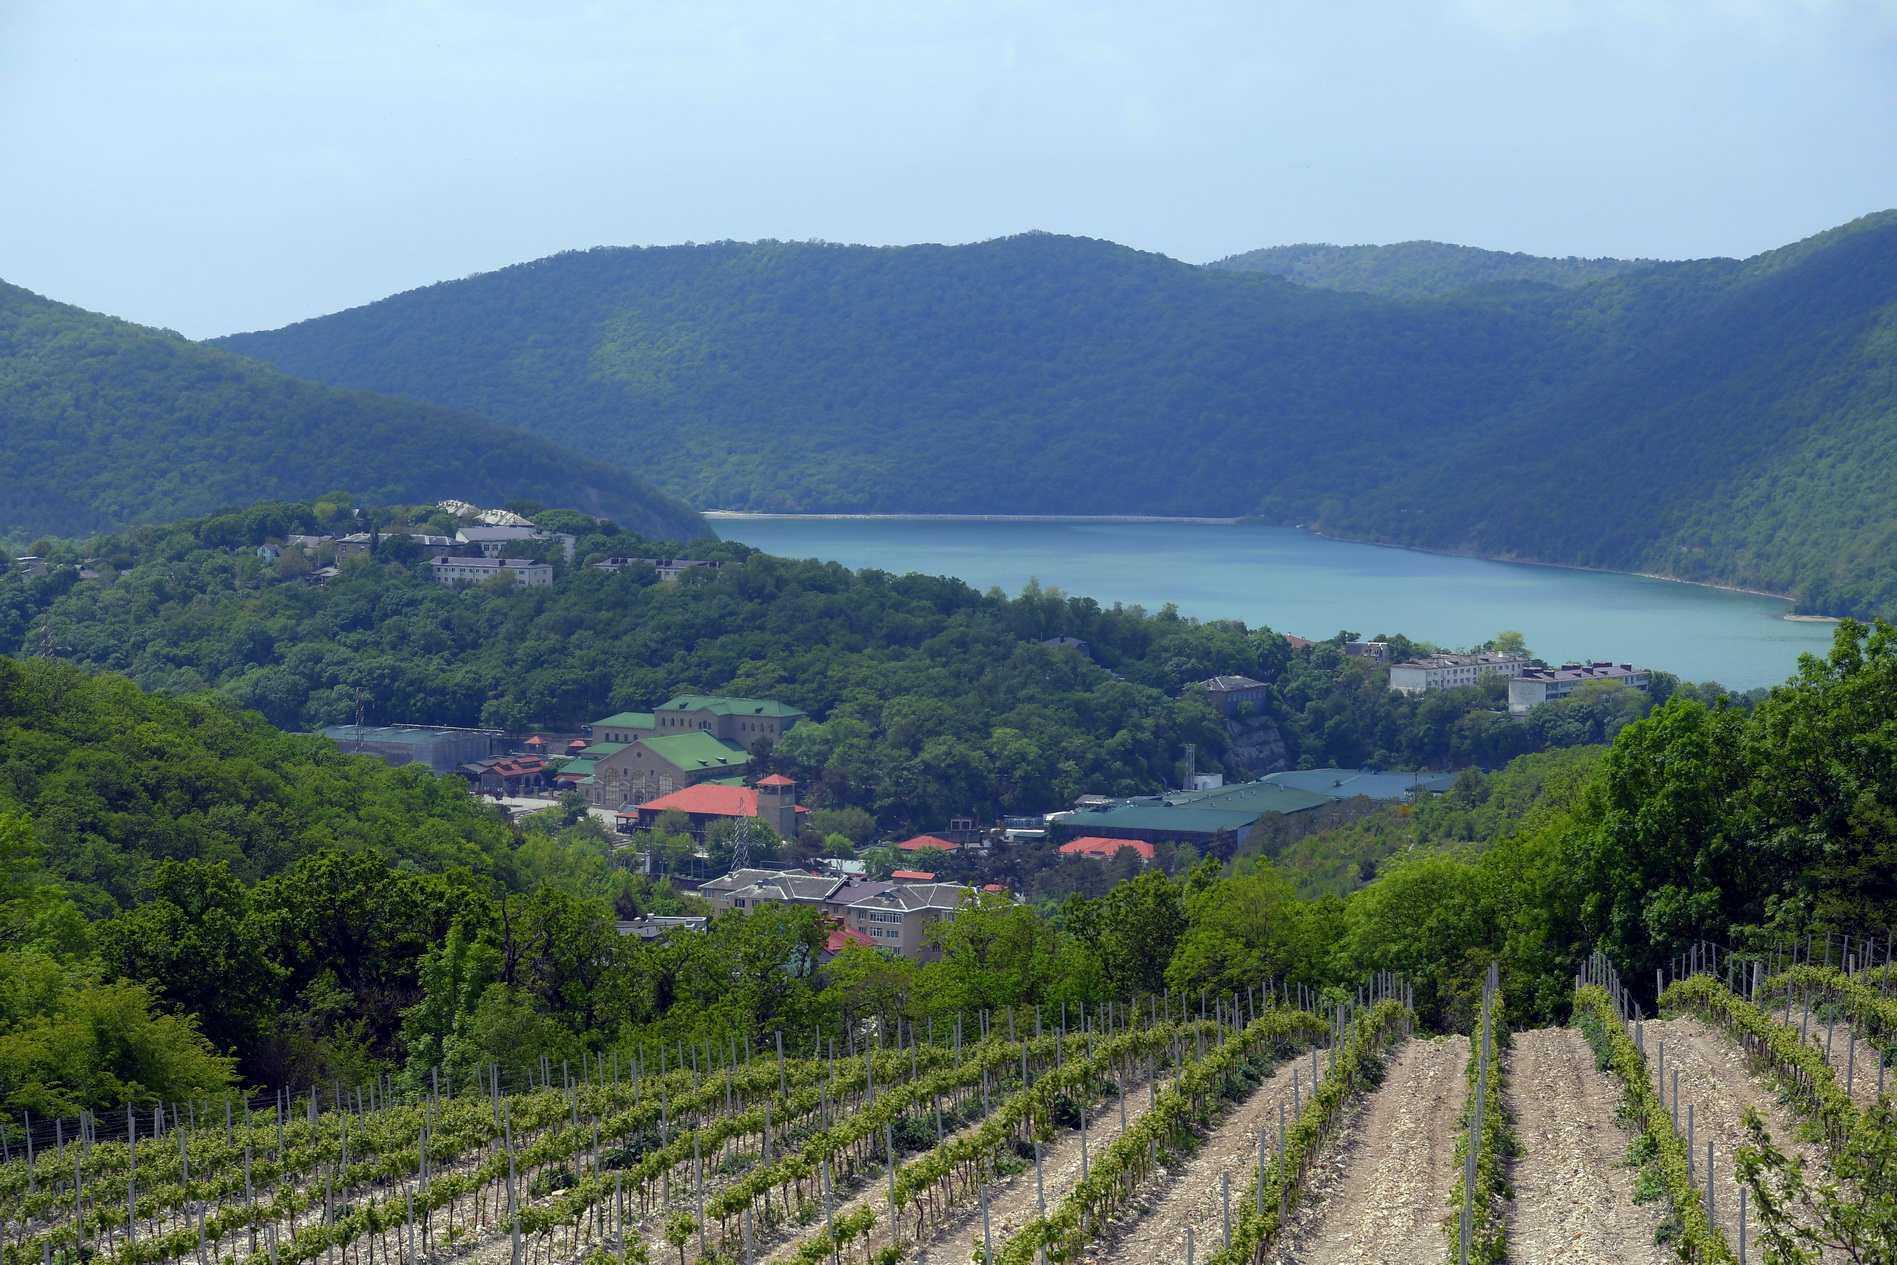 На Кубани в первом чтении приняли закон о запрете перевода сельхозугодий и виноградопригодных земель под жилищное строительство